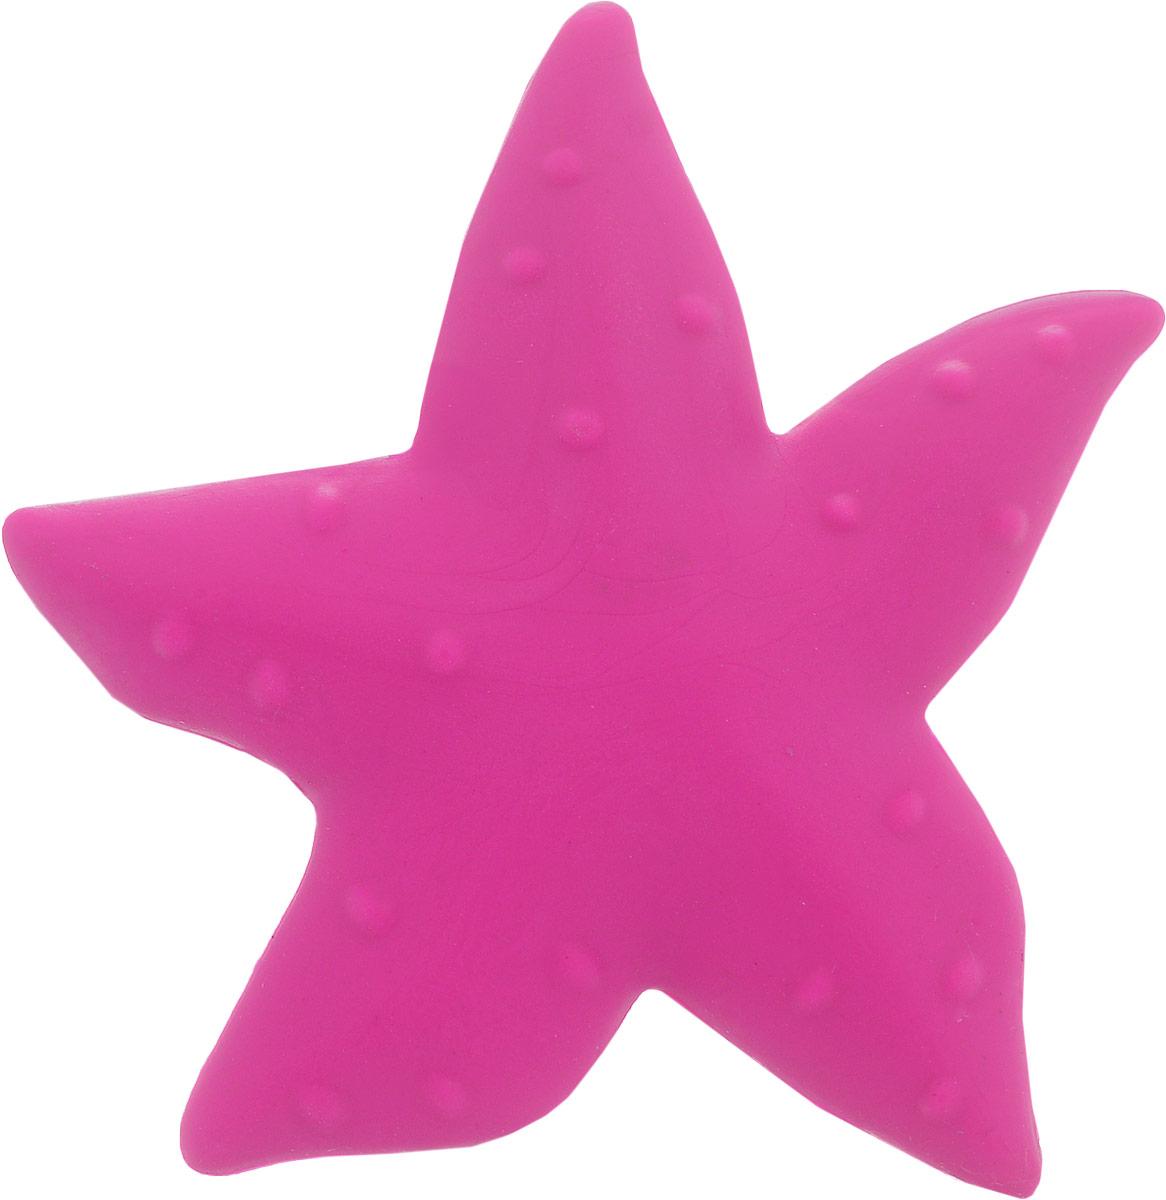 Brunnen Ластик Обитатели моря Звезда цвет розовый29968-26\BCD_розовый/звездаЛастик Brunnen Обитатели моря: Звезда станет незаменимым аксессуаром на рабочем столе не только школьника или студента, но и офисного работника. Он легко и без следа удаляет надписи, сделанные карандашом.Ластик выполнен из цветного каучука в виде морской звезды. Такой ластик напомнит вам о море и летнем отдыхе.